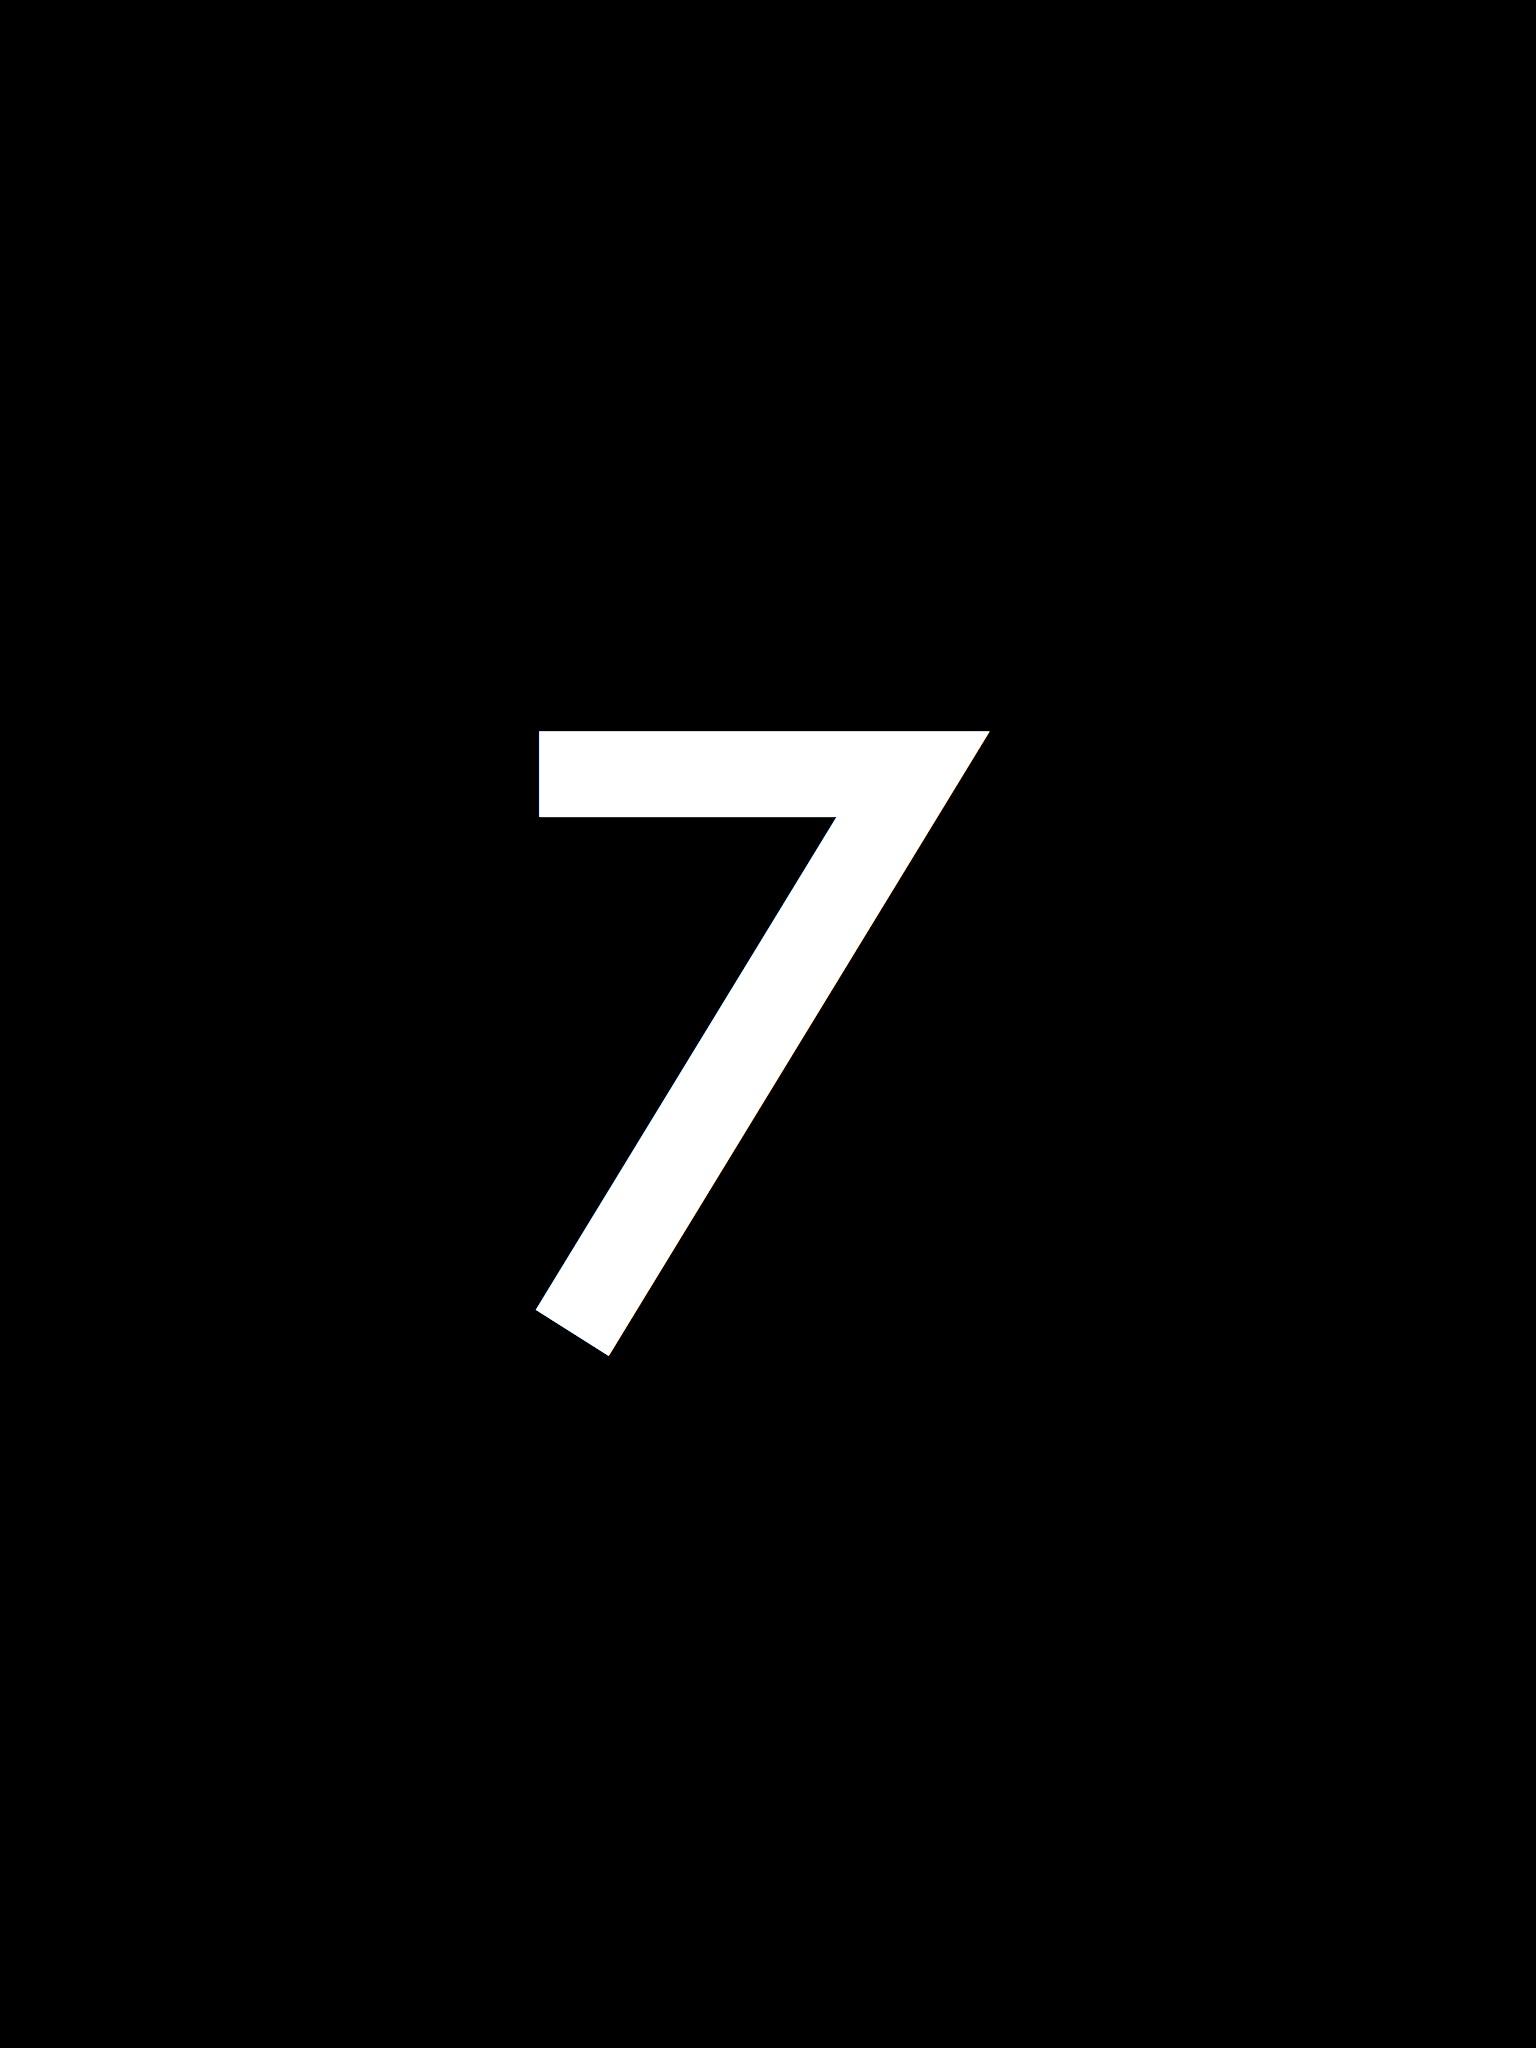 Black_Number.007.jpg